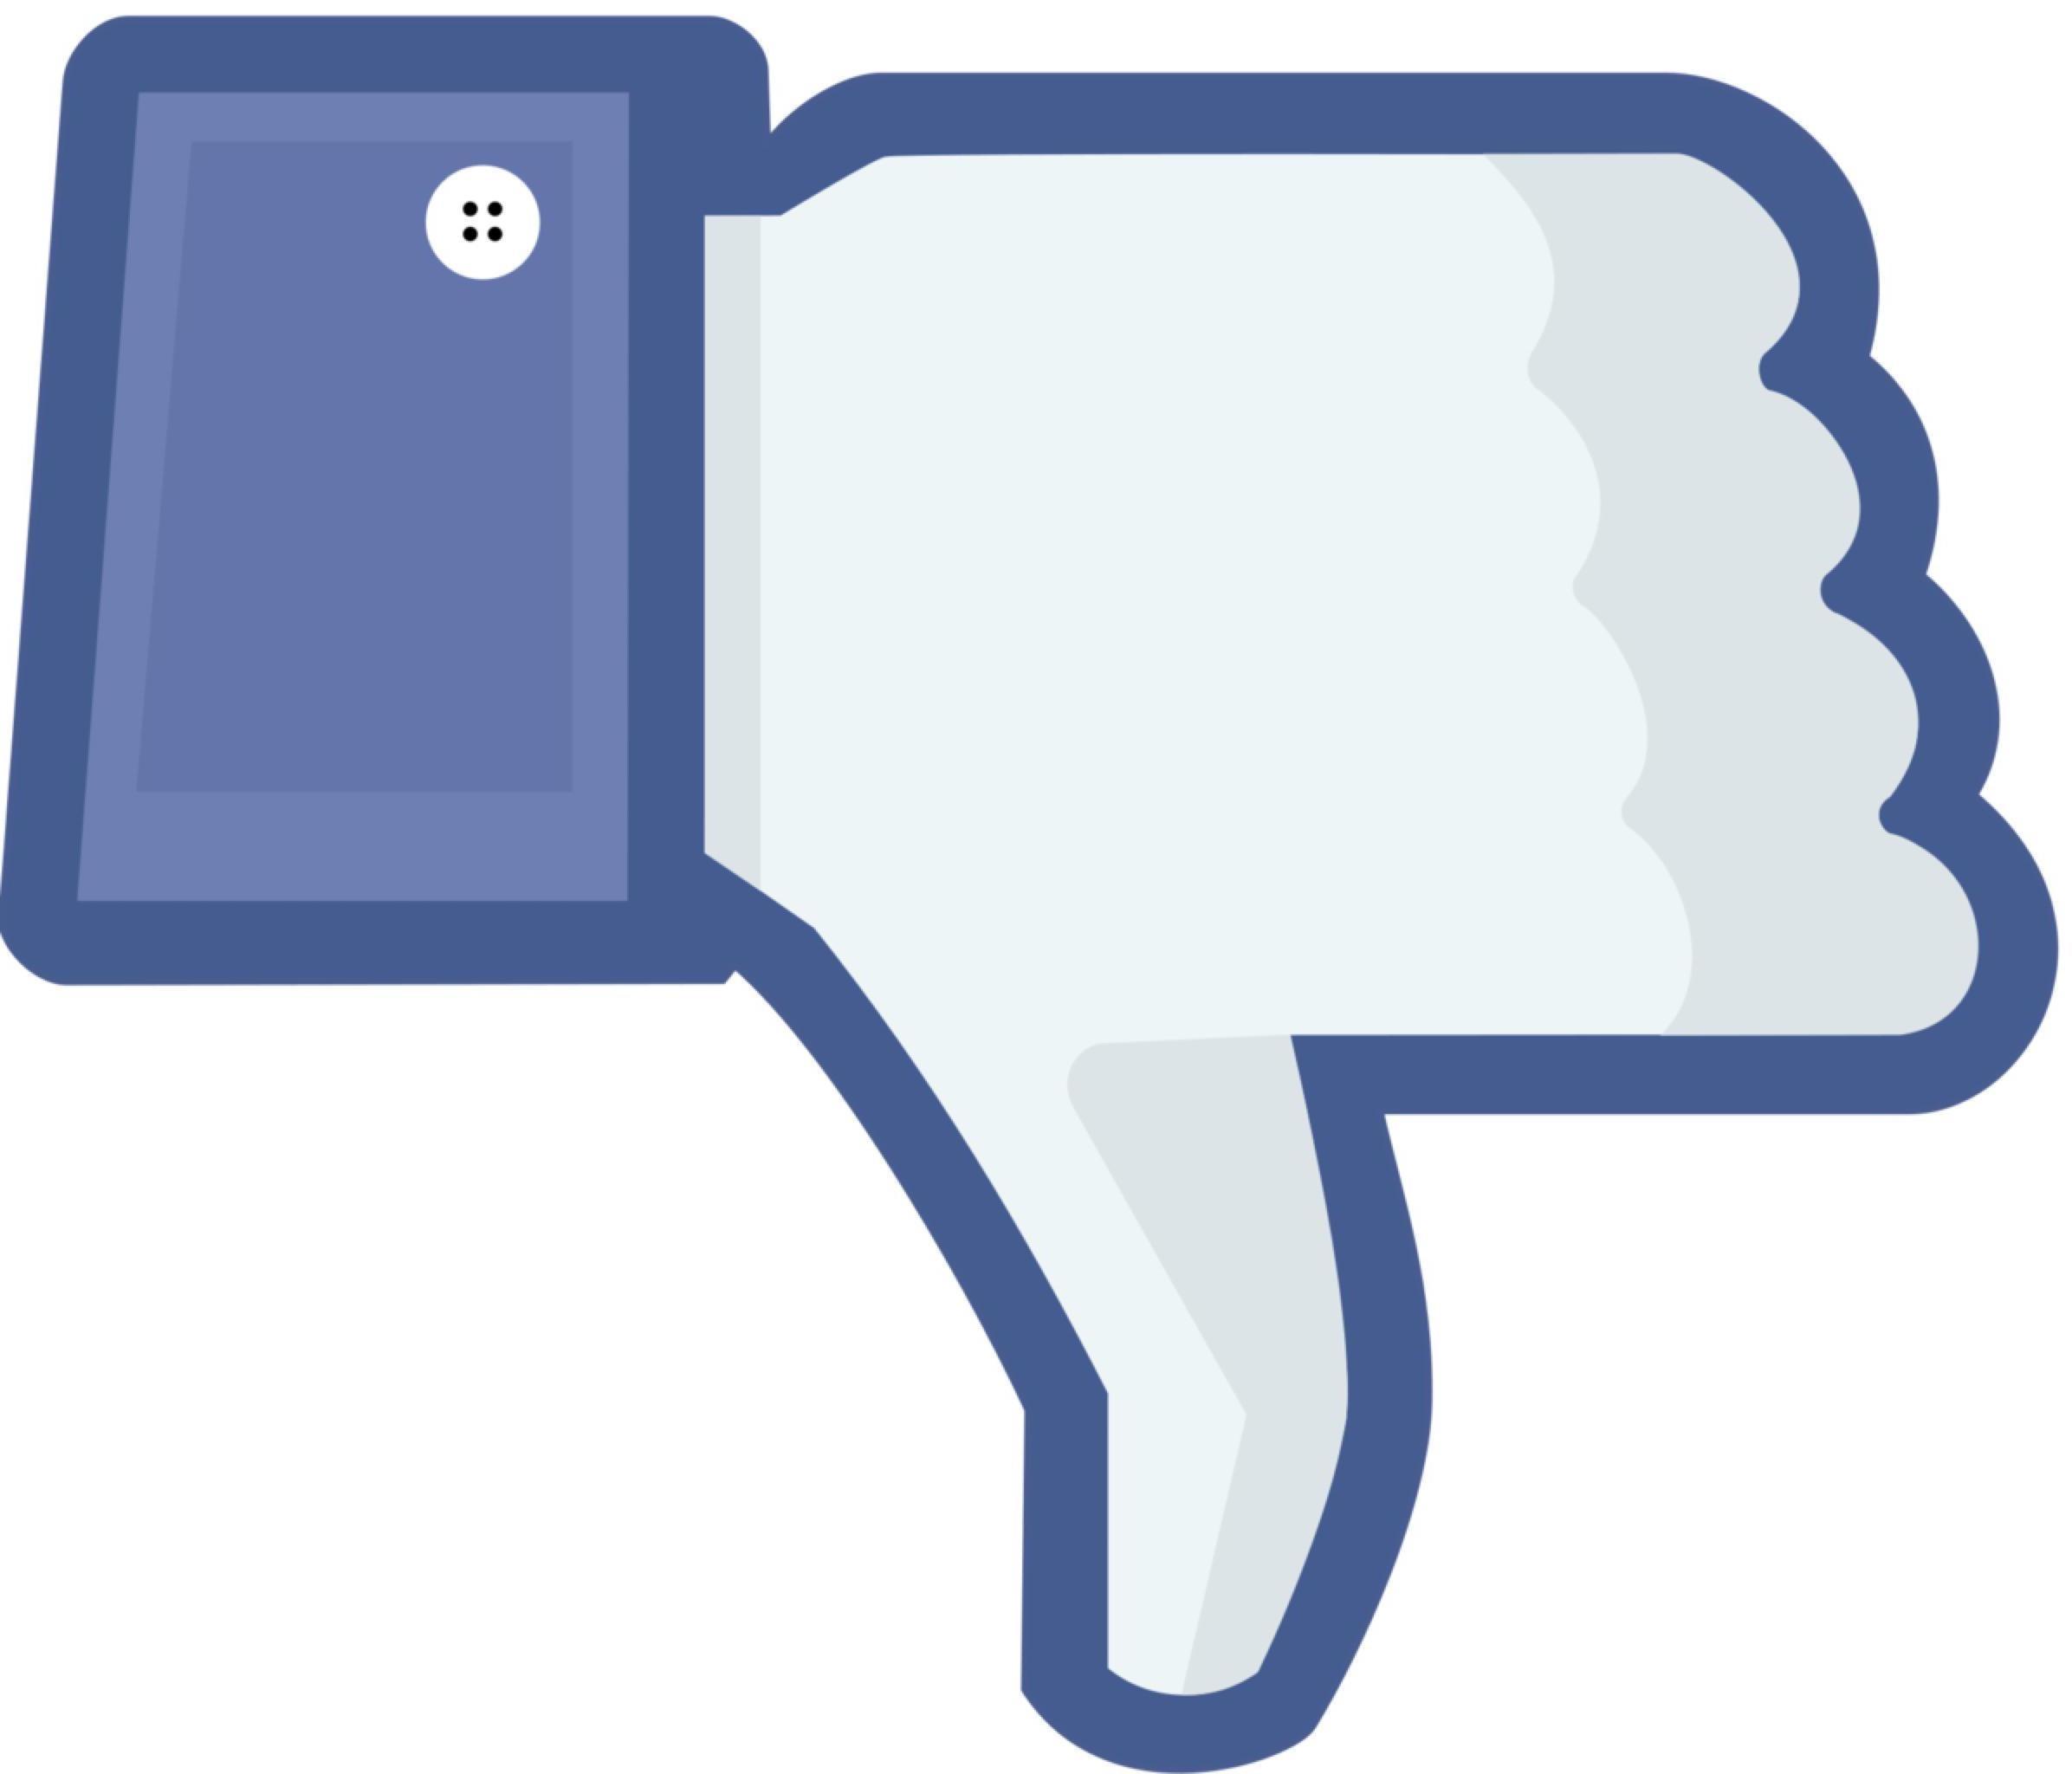 2017-10-31-facebook-thumbs-down.jpg